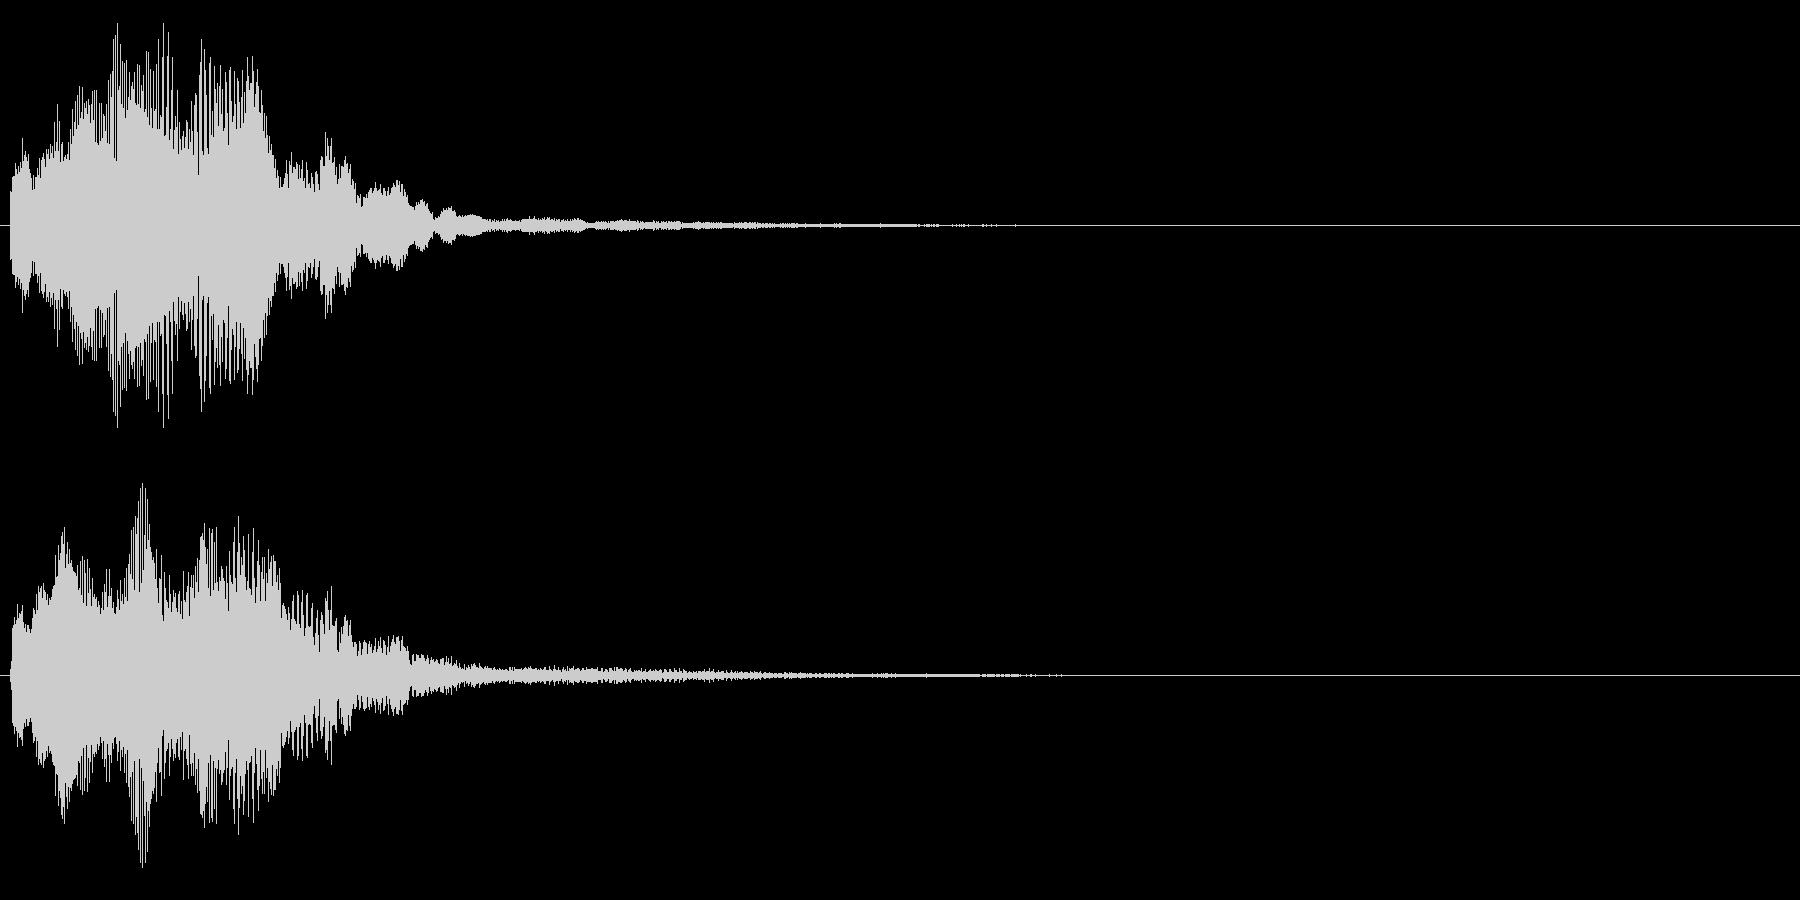 キラリン音A7 2音色×8フレーズの未再生の波形